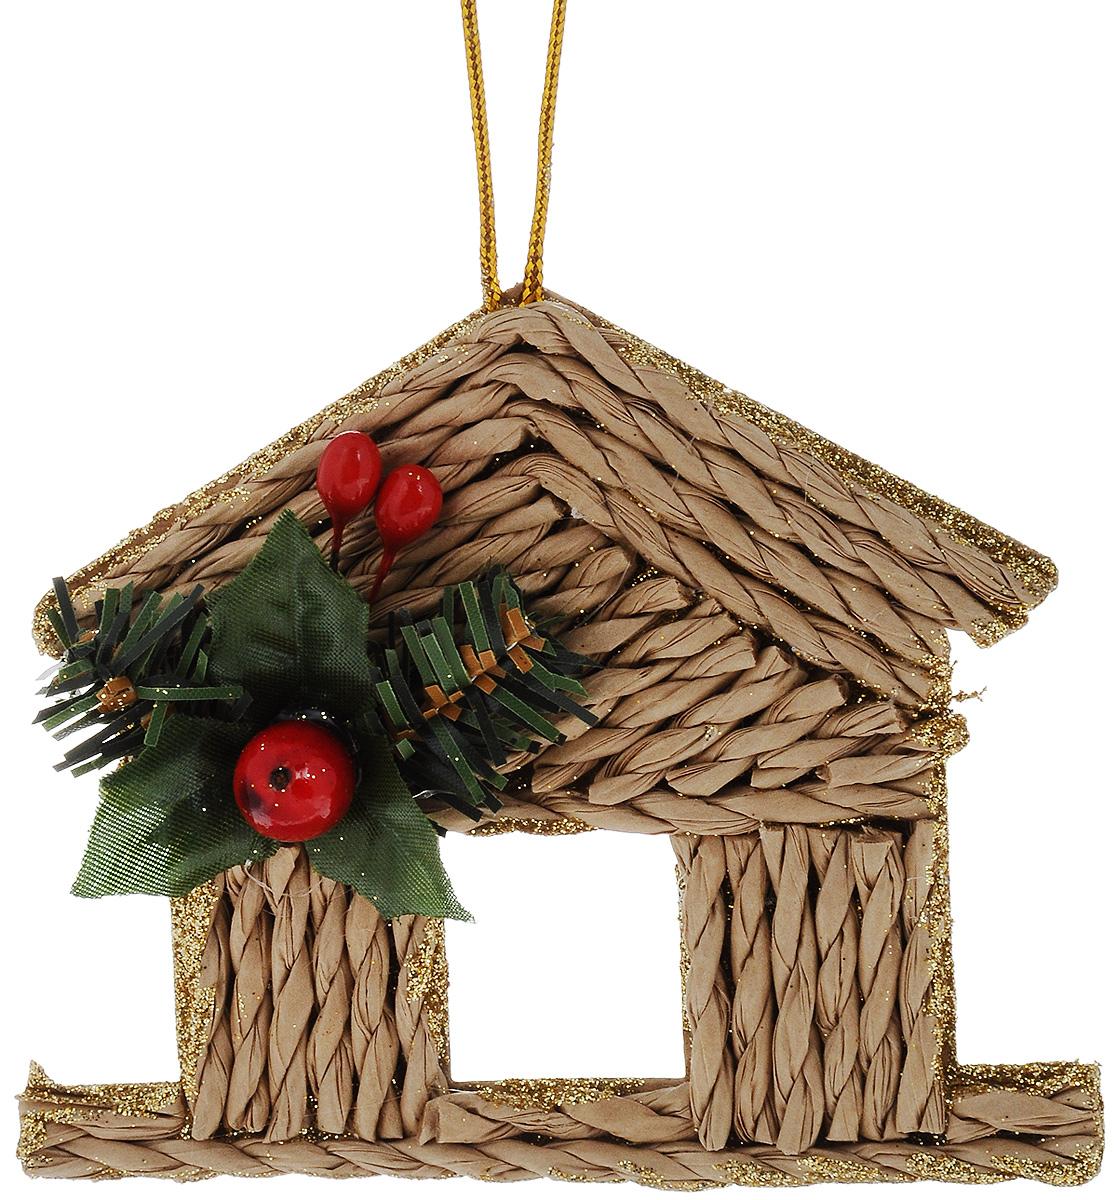 Украшение новогоднее подвесное House & Holder Домик, высота 9,5 смN3-38/45A_бежевый, зеленый, красныйНовогоднее подвесное украшение House & Holder Домик, выполненное из бумаги и пластика, декорировано блестками. С помощью специальной петельки украшение можно повесить в любом понравившемся вам месте. Но, конечно, удачнее всего оно будет смотреться на праздничной елке.Елочная игрушка - символ Нового года. Она несет в себе волшебство и красоту праздника. Создайте в своем доме атмосферу веселья и радости, украшая новогоднюю елку нарядными игрушками, которые будут из года в год накапливать теплоту воспоминаний.Размер украшения (с учетом декоративных элементов): 11,5 х 9,5 х 2,5 см.